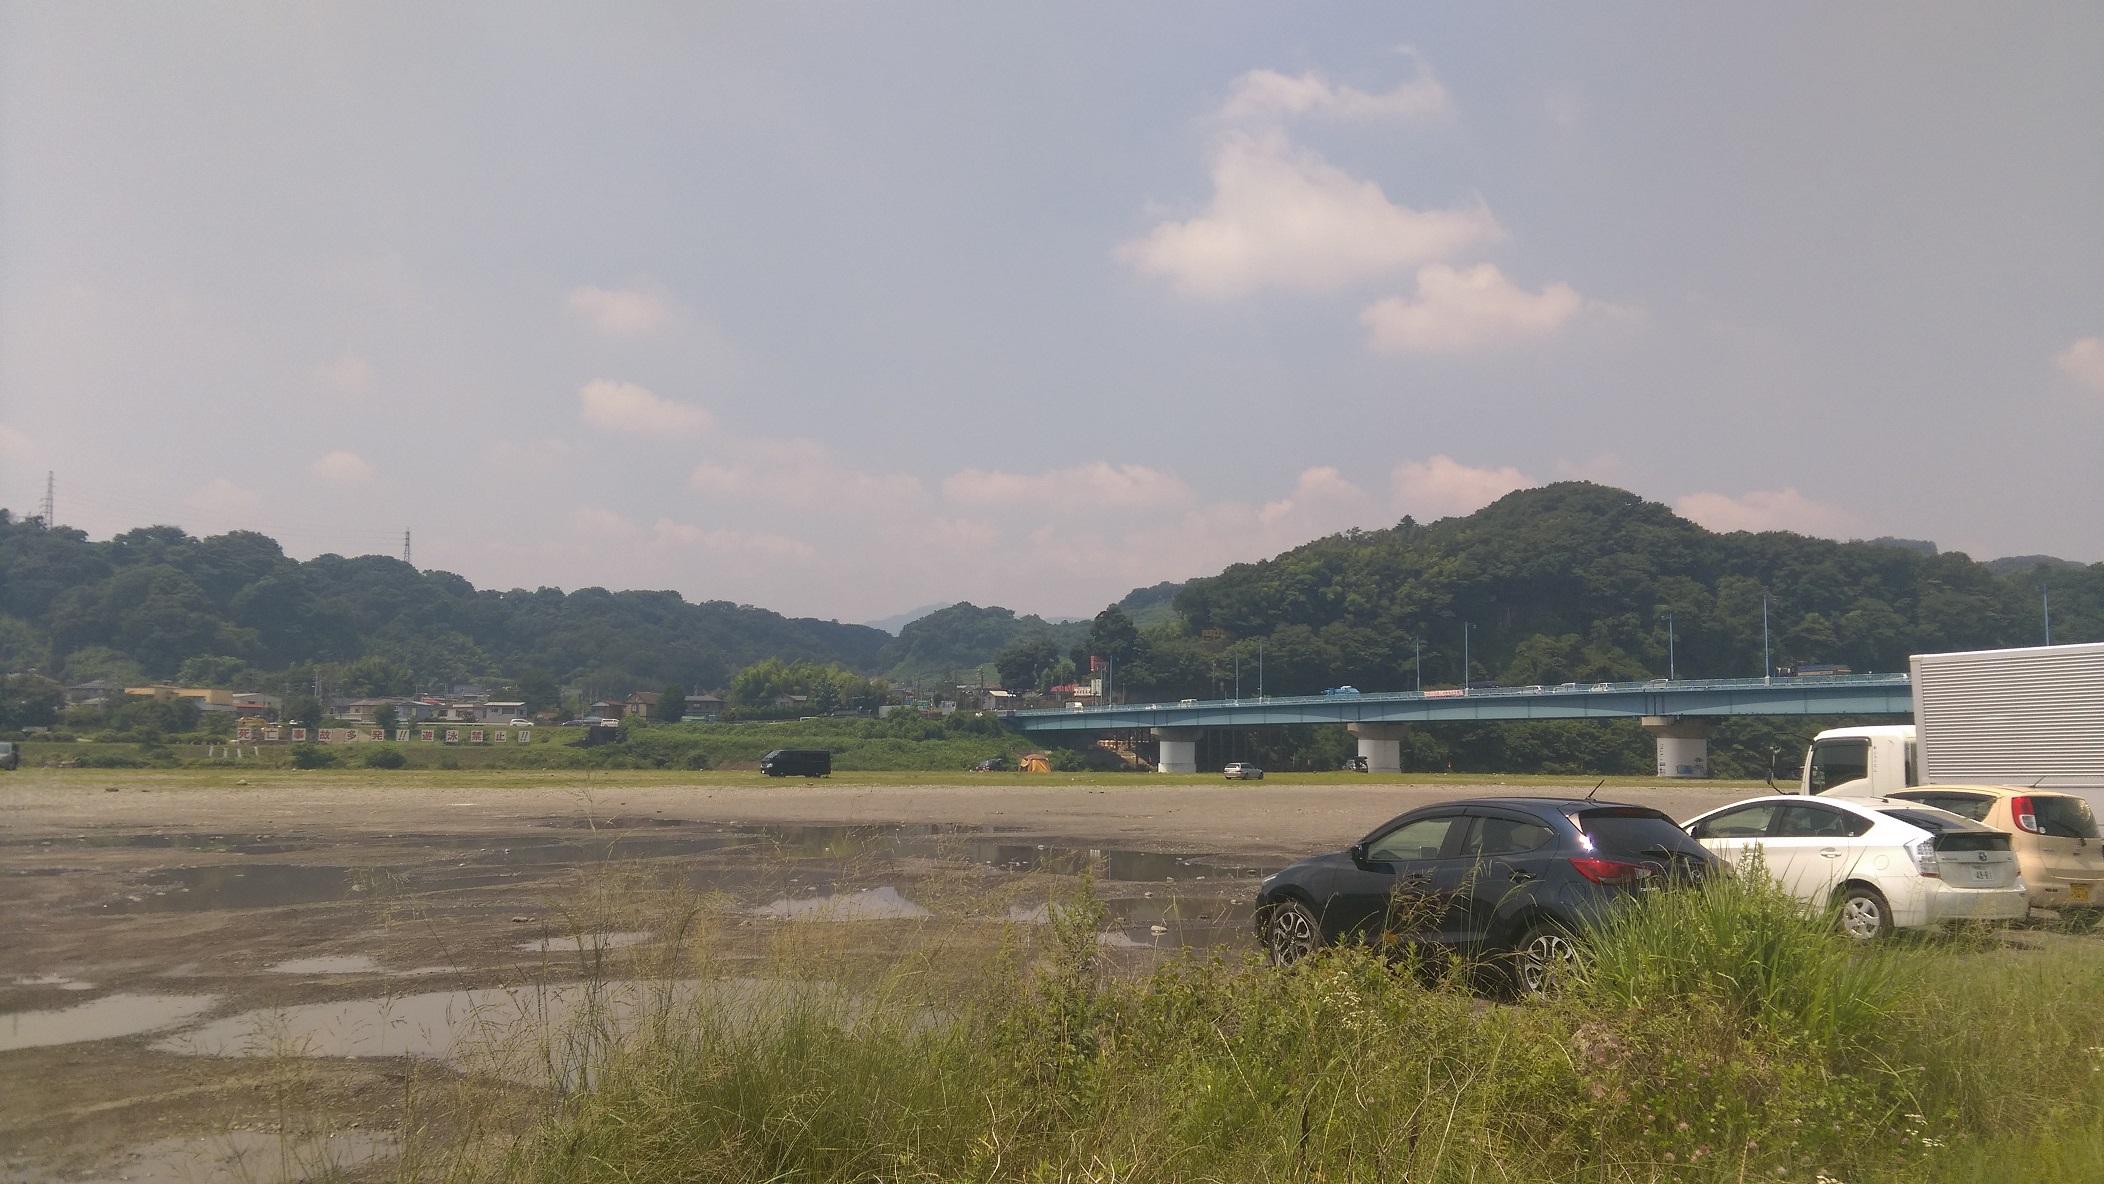 小沢古城と小沢城 - 愛川町日記